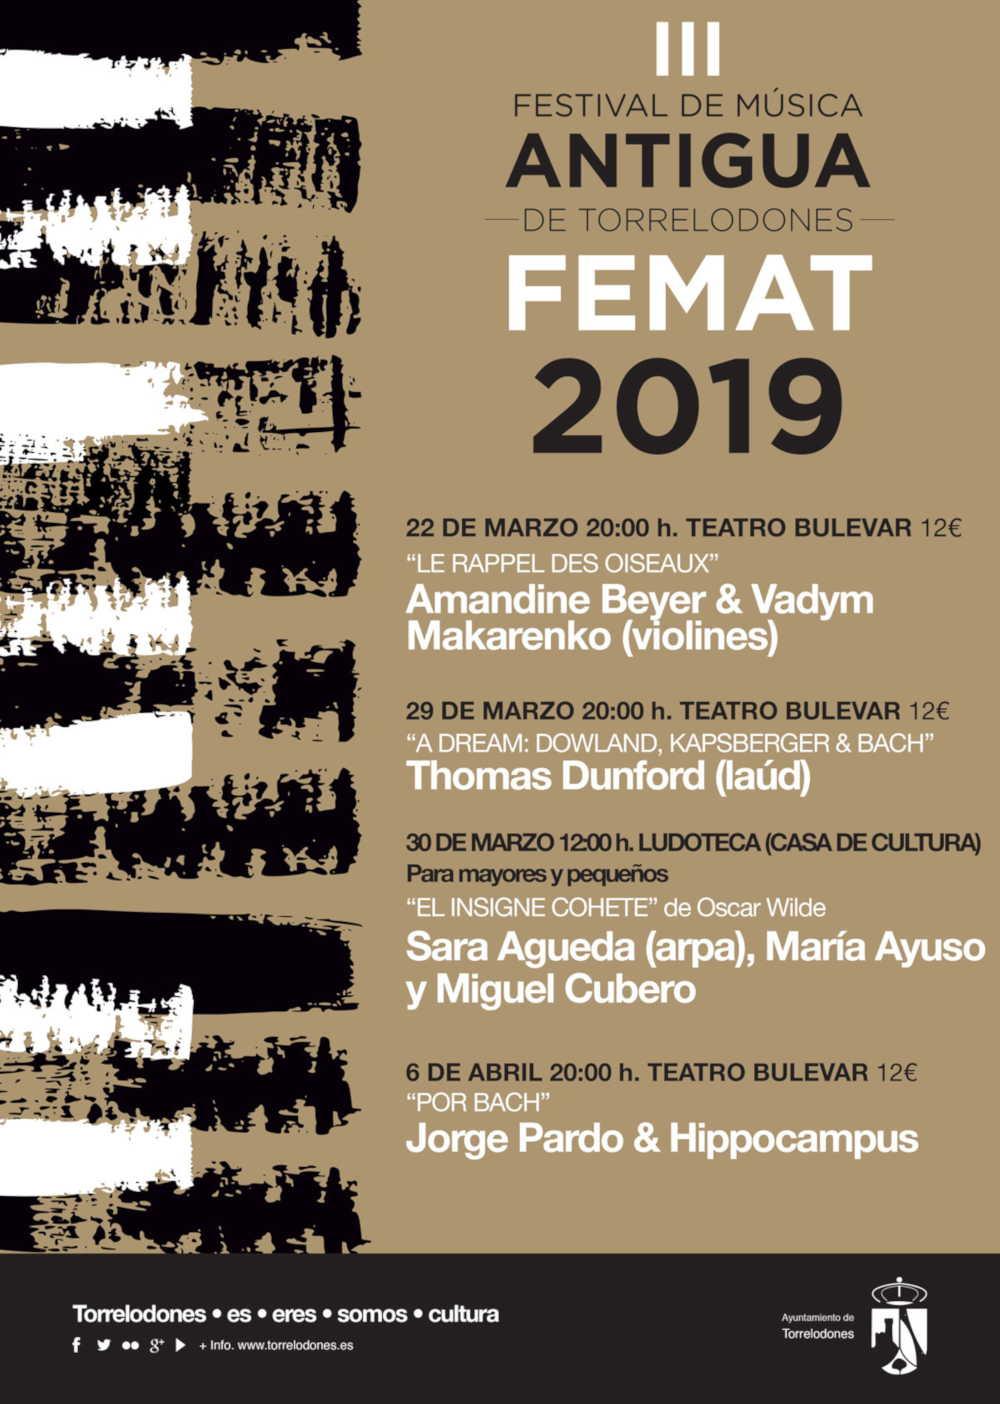 Toda la Música | III Festival de música antigua de Torrelodones FEMAT 2019